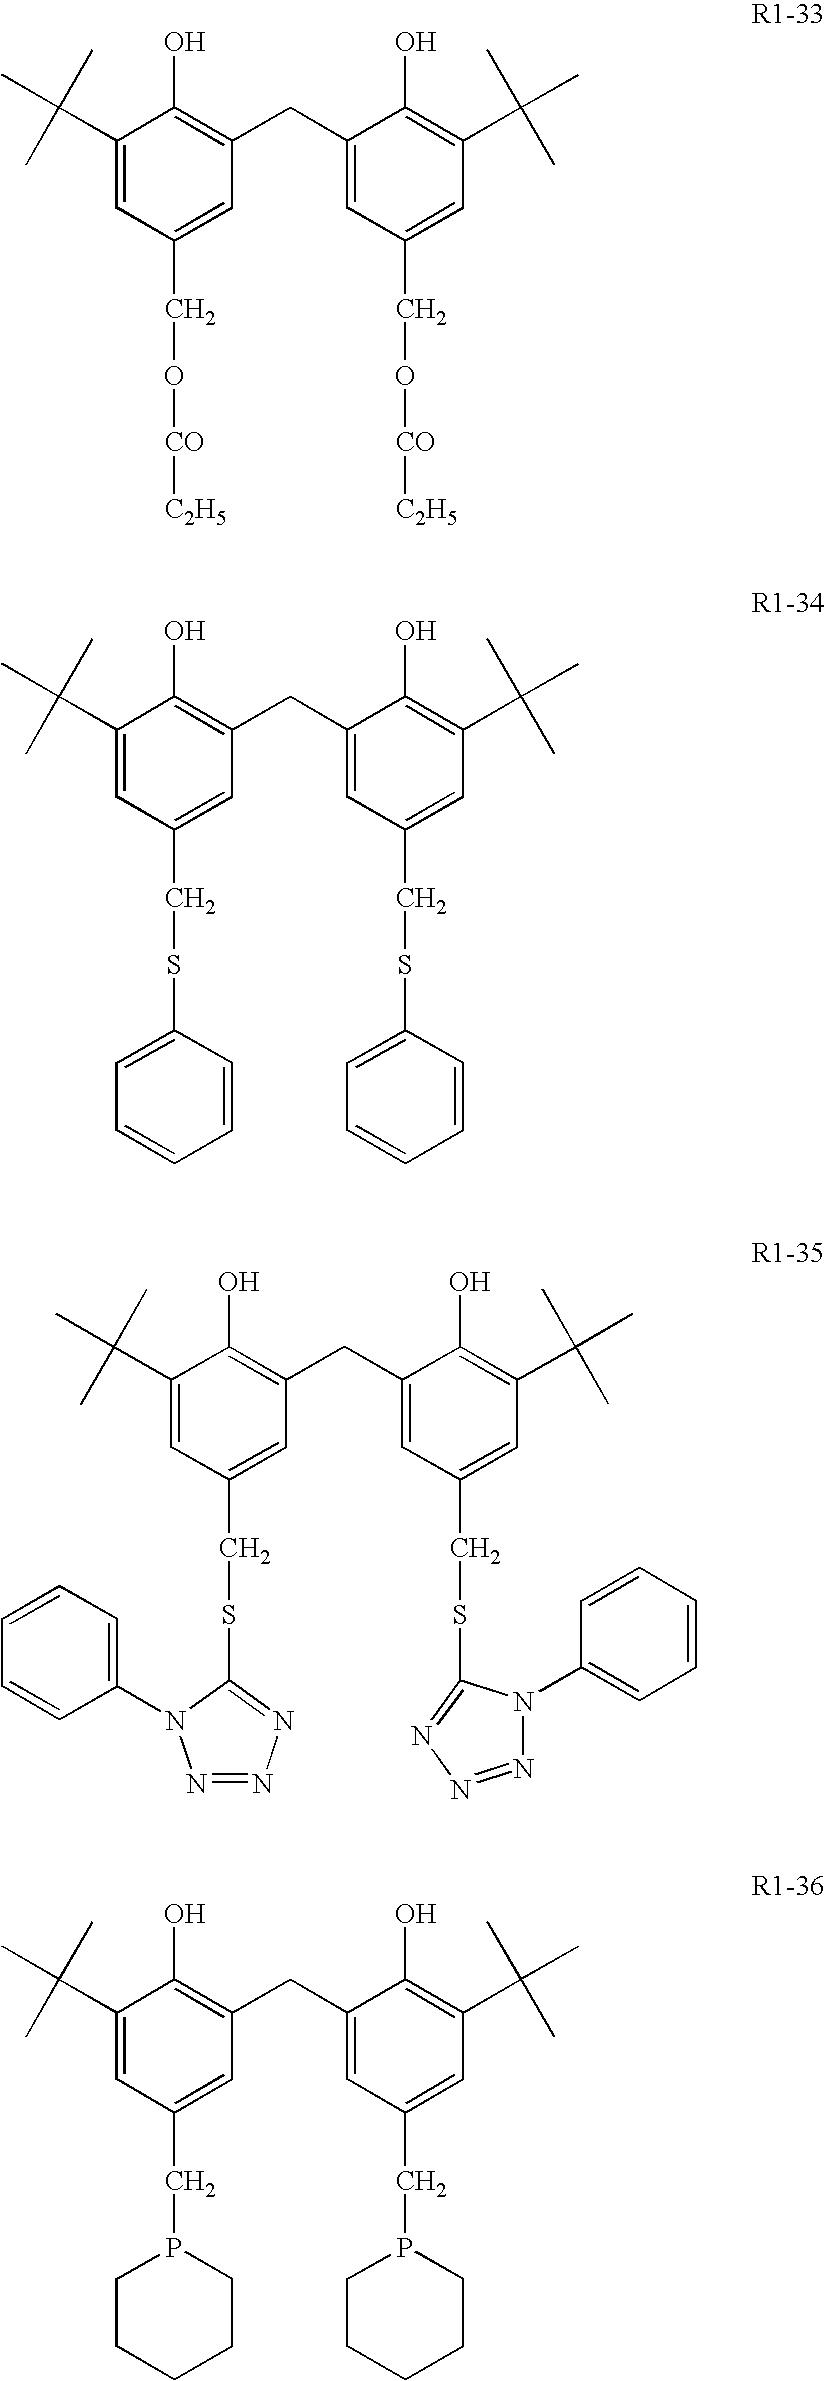 Figure US07133057-20061107-C00011